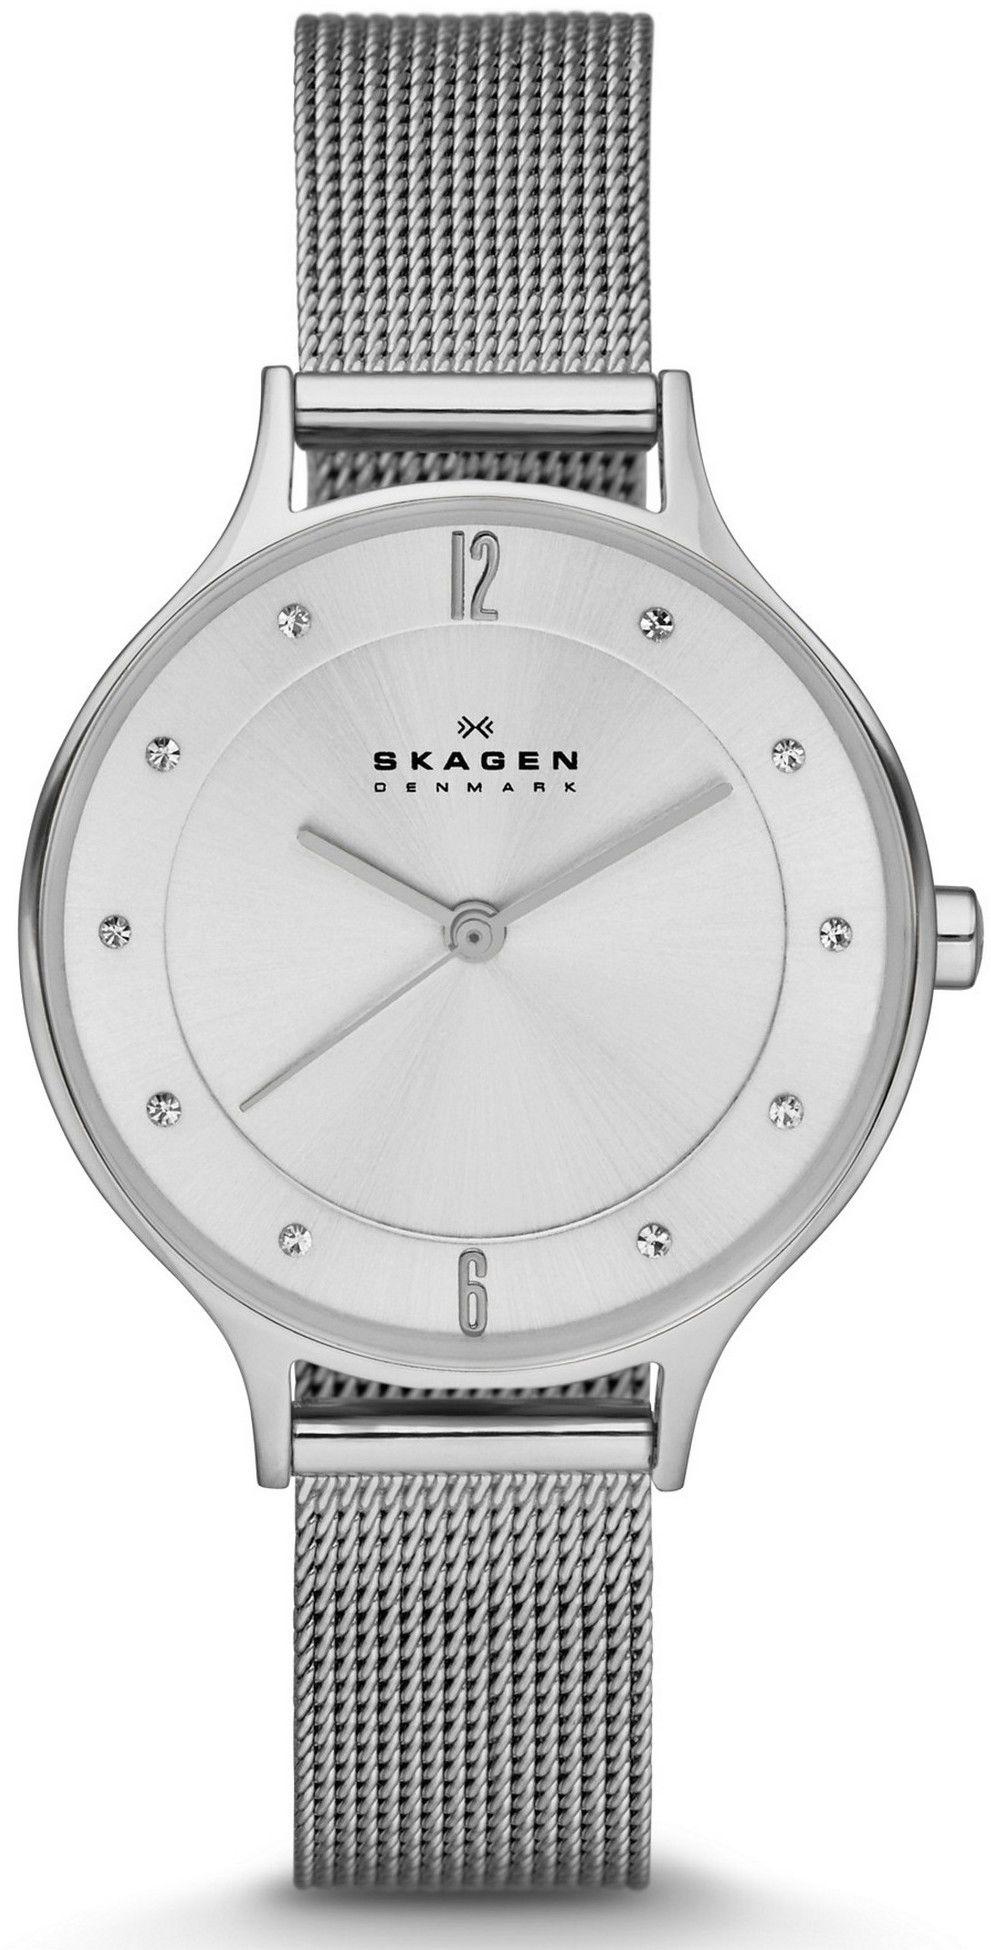 Zegarek Skagen SKW2149 ANITA - CENA DO NEGOCJACJI - DOSTAWA DHL GRATIS, KUPUJ BEZ RYZYKA - 100 dni na zwrot, możliwość wygrawerowania dowolnego tekstu.